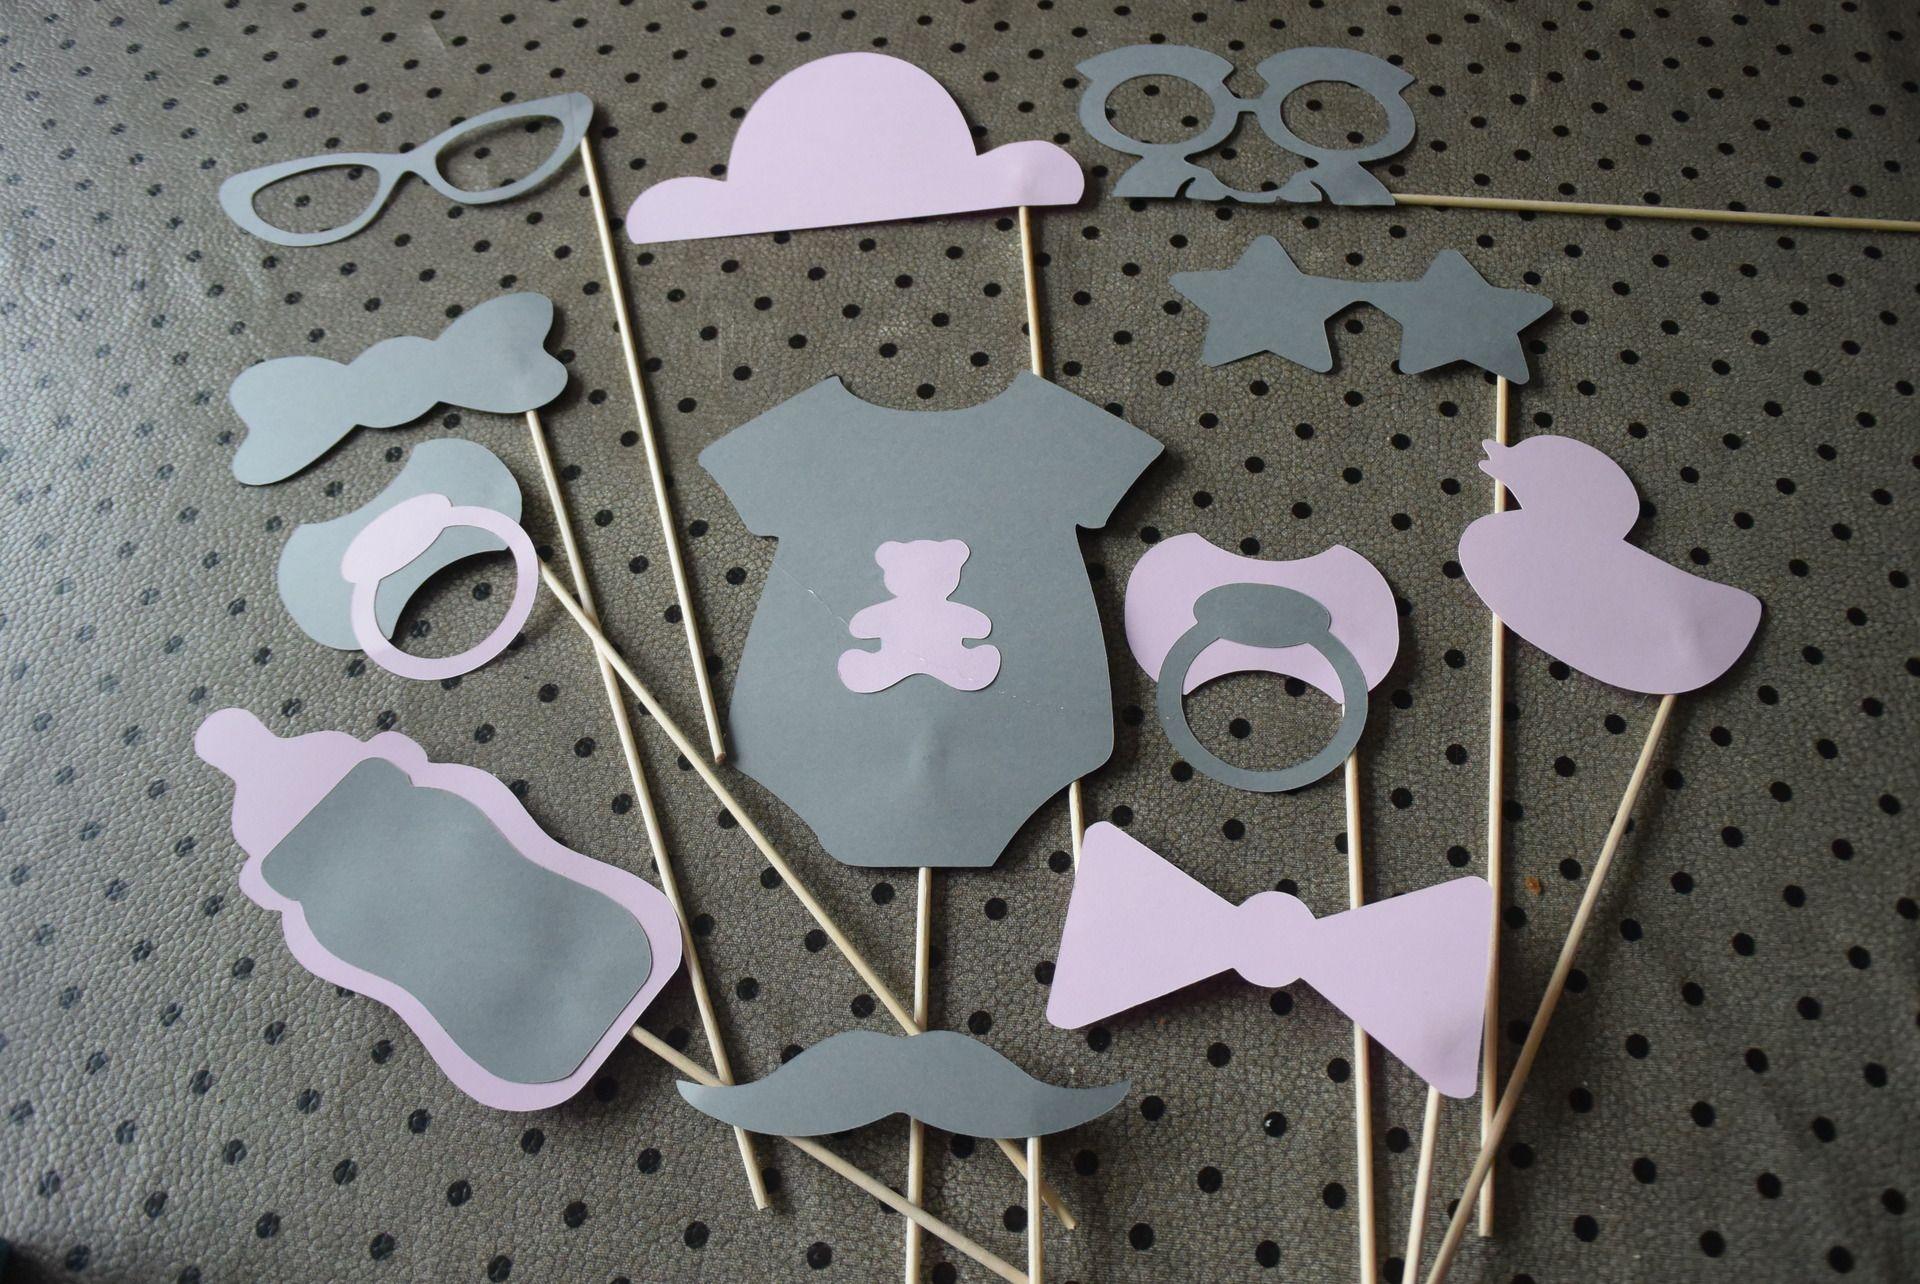 accessoires photobooth bapt me baby shower coloris rose et gris 12 pi ces id es photos et f tes. Black Bedroom Furniture Sets. Home Design Ideas